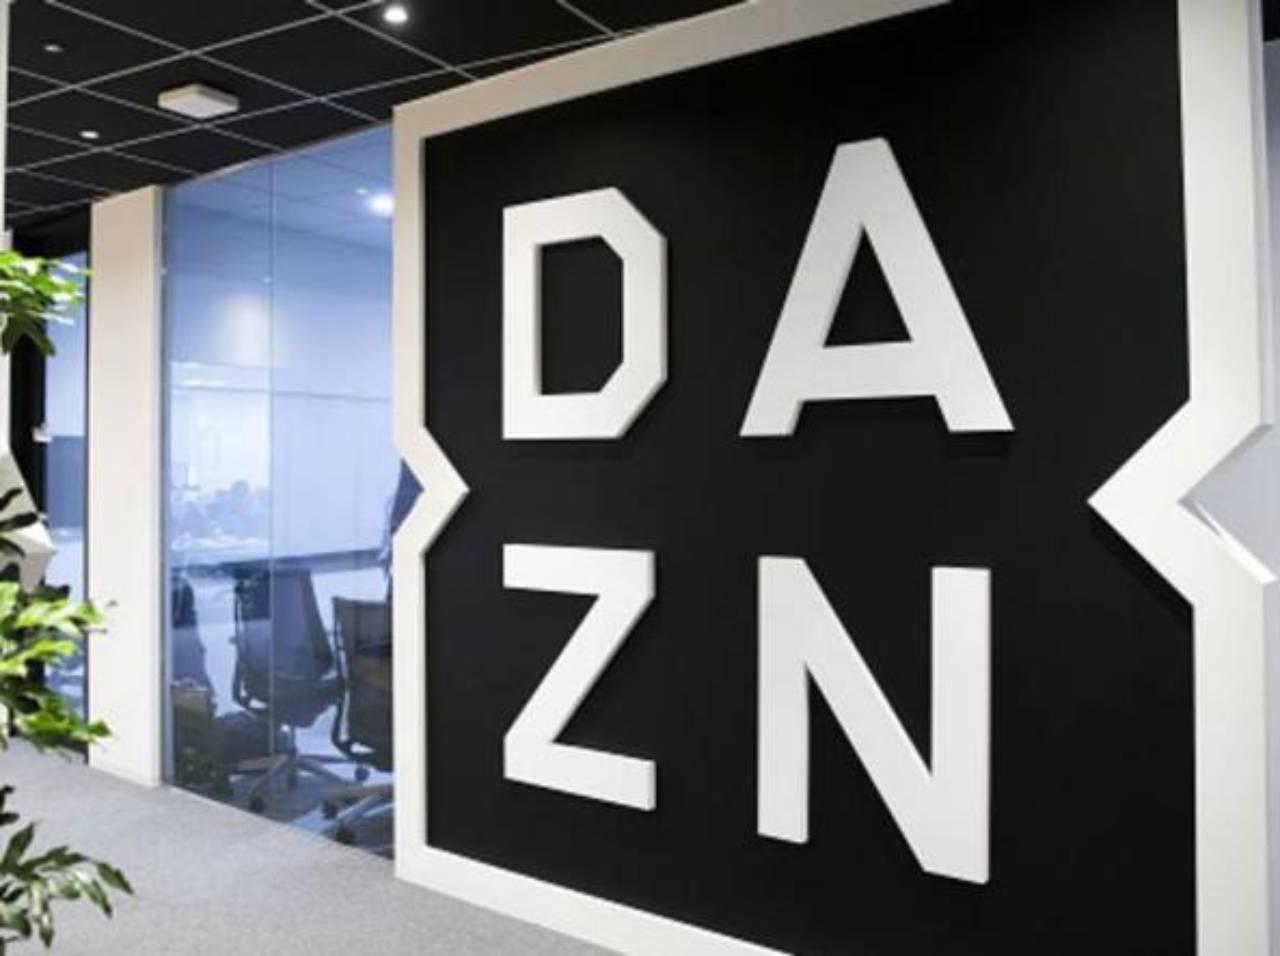 Dazn, il logo (Foto Corriere.it)